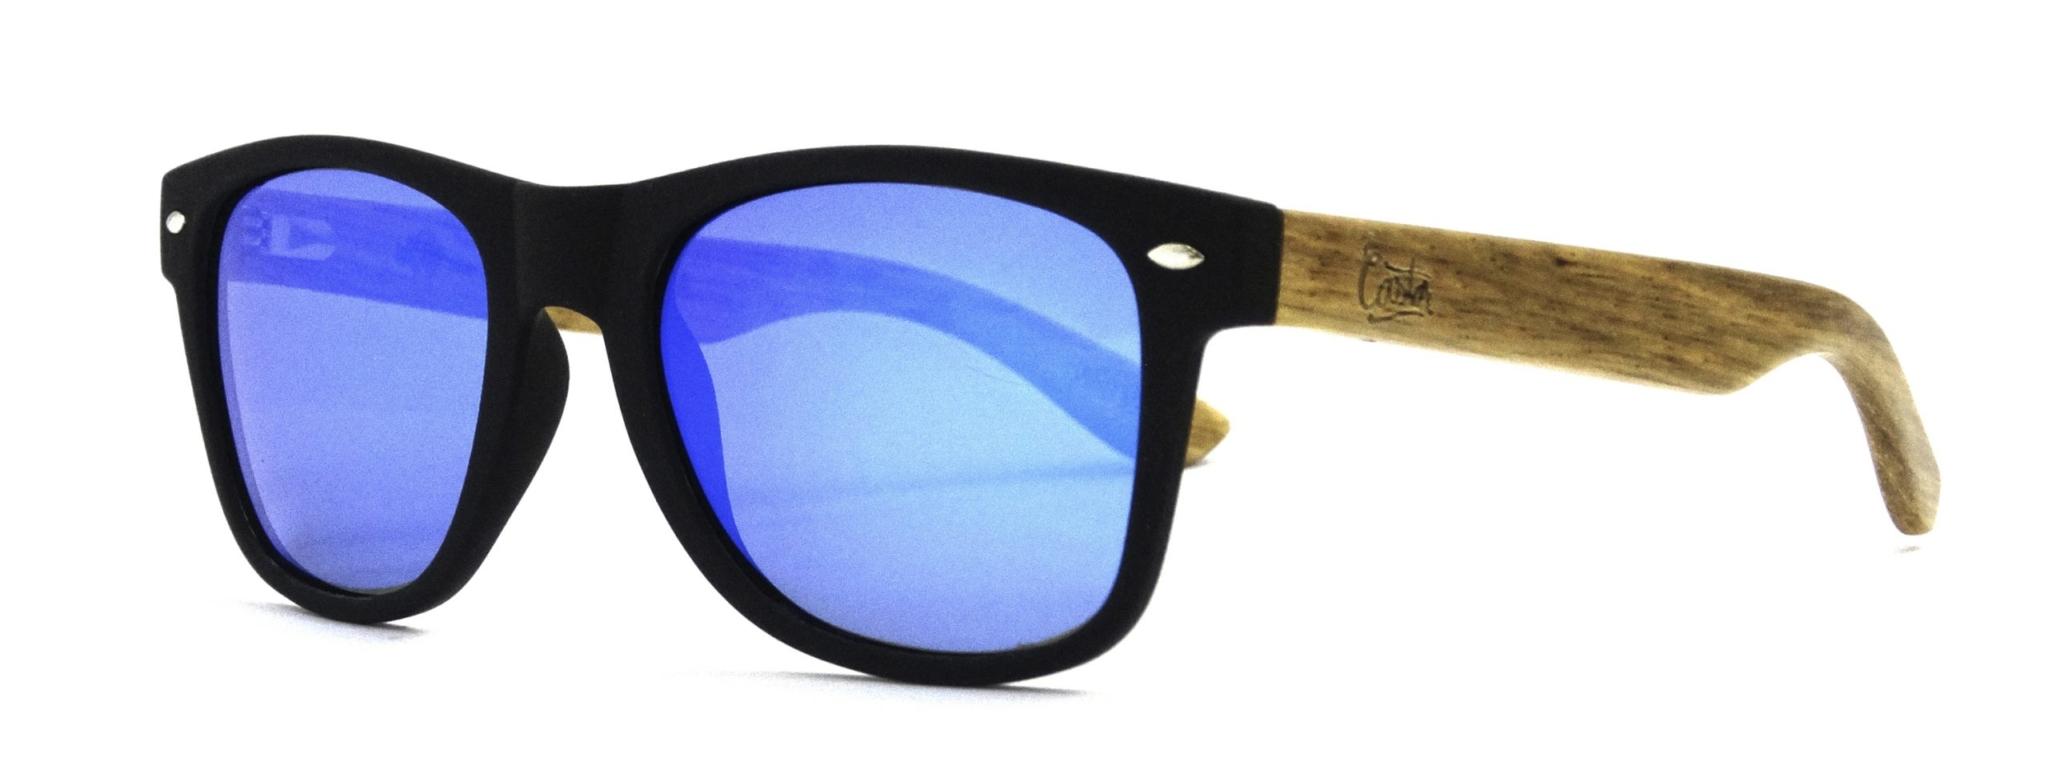 1f292232-24b-gafas-de-sol